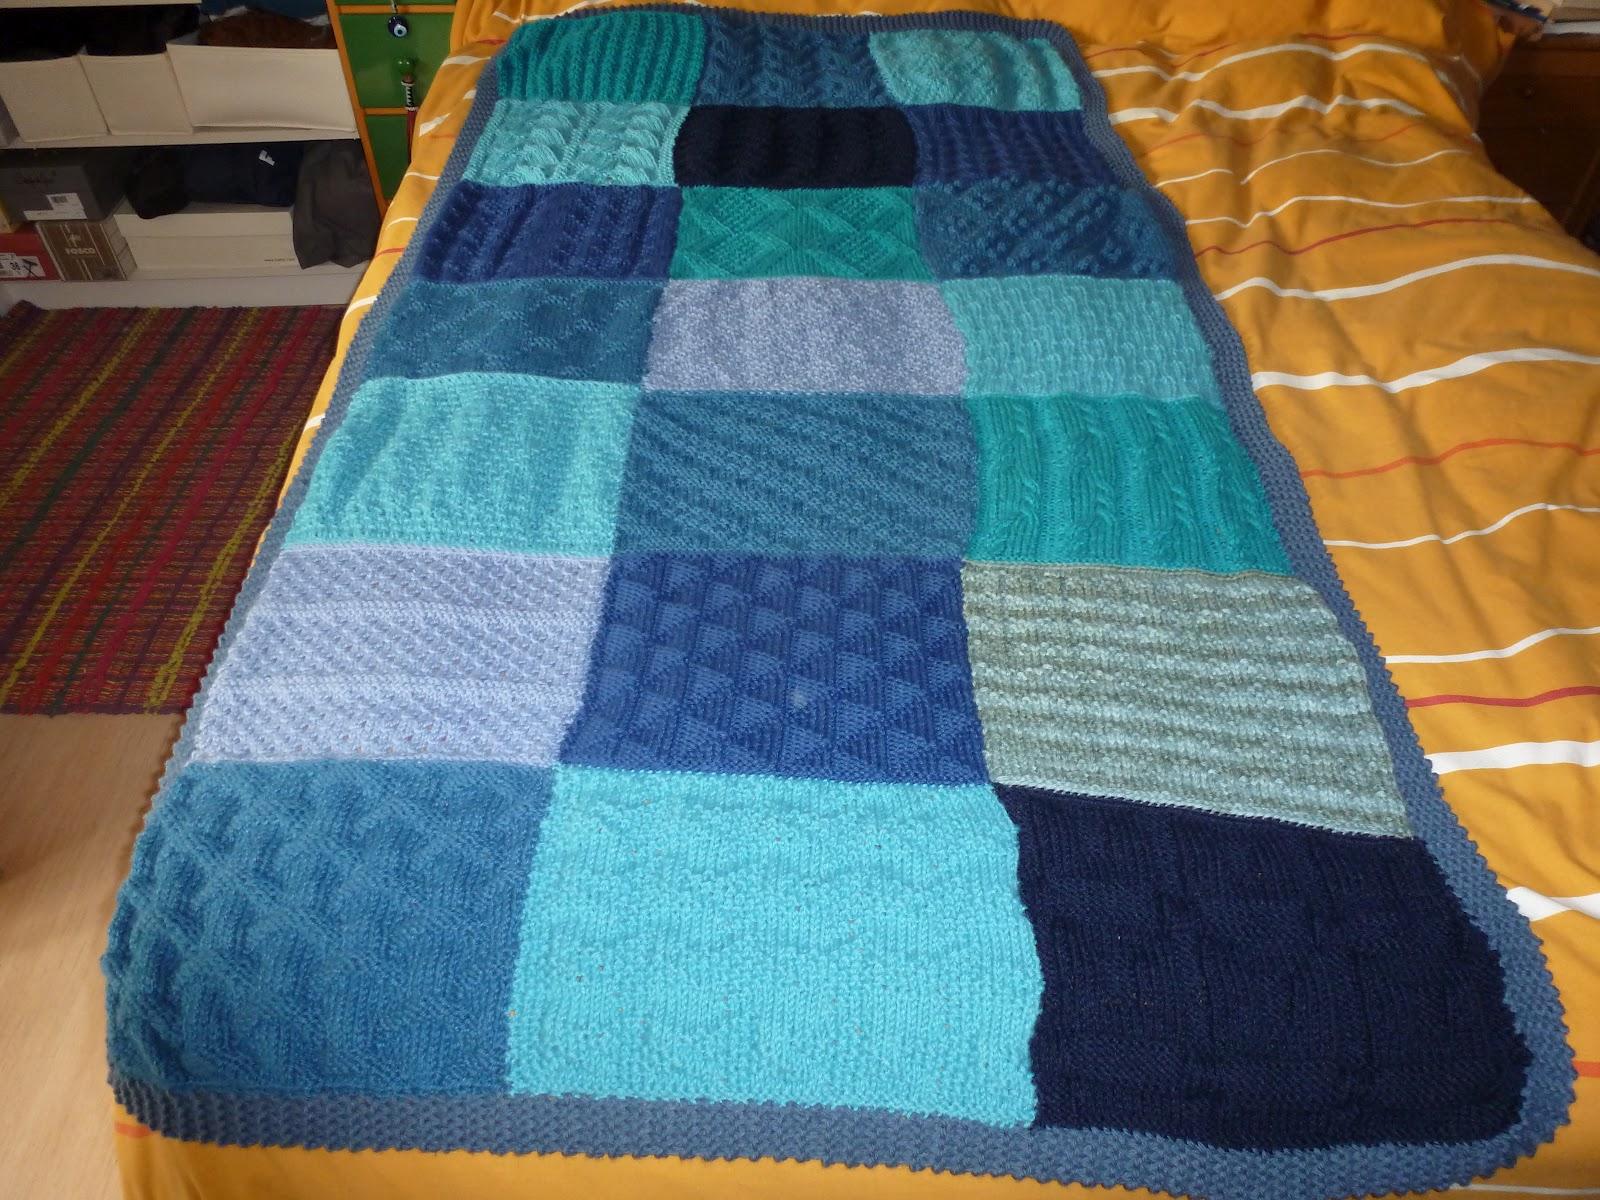 Tejealmu manta azul de punto - Tejer mantas de lana ...